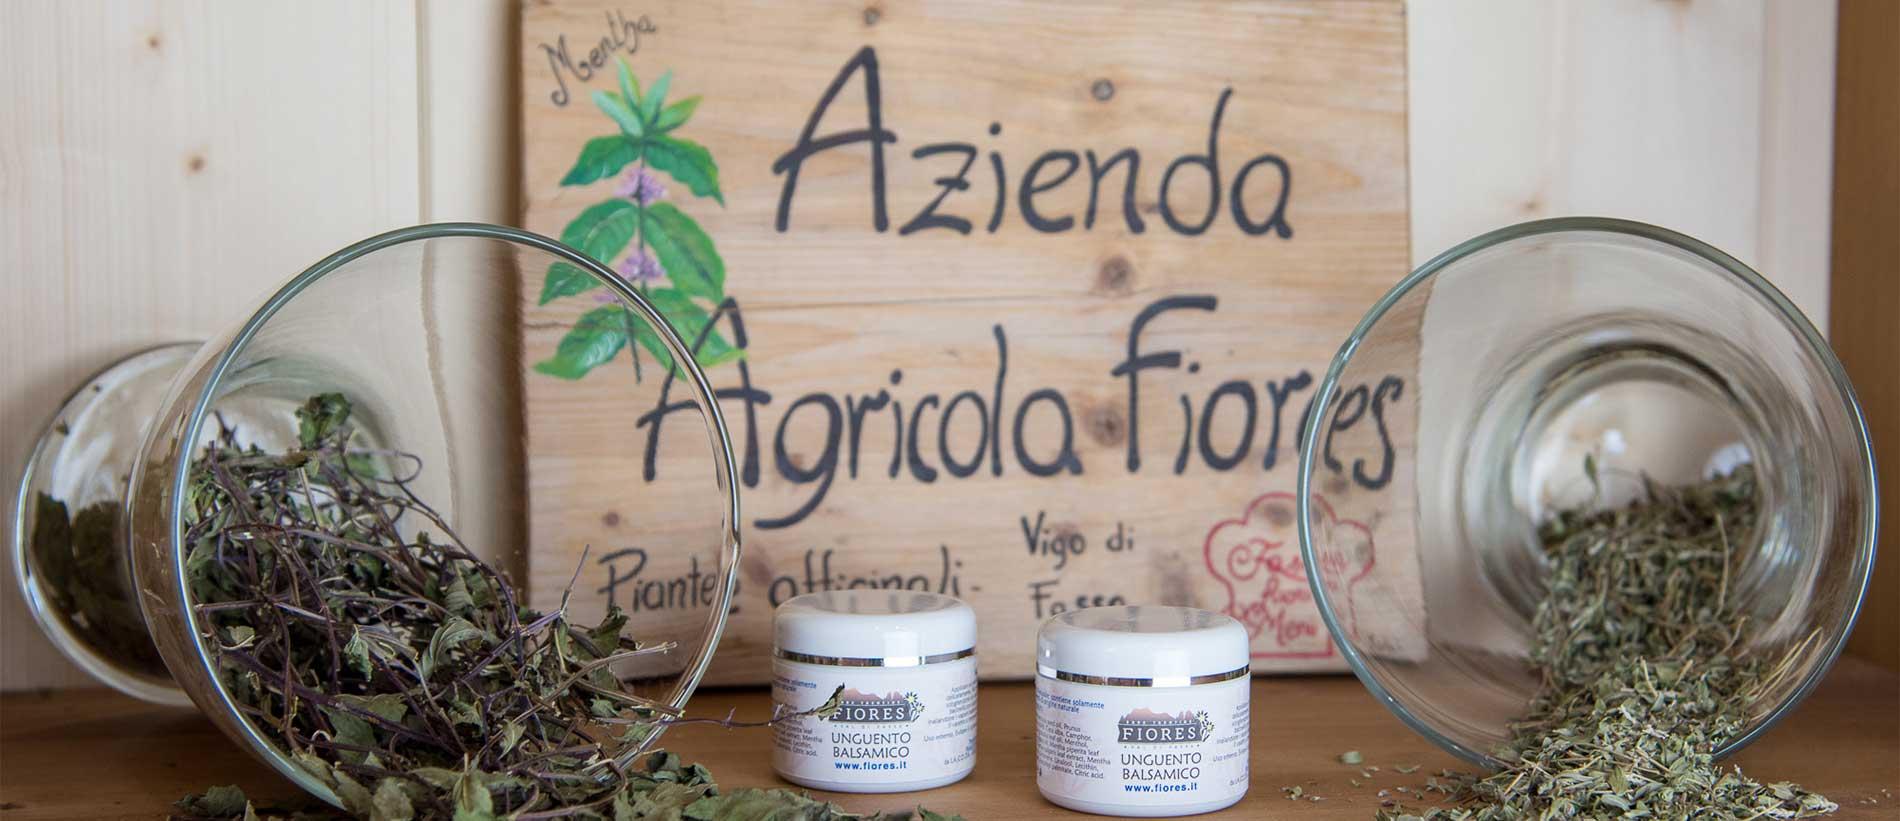 Azienda Agricola Fiores